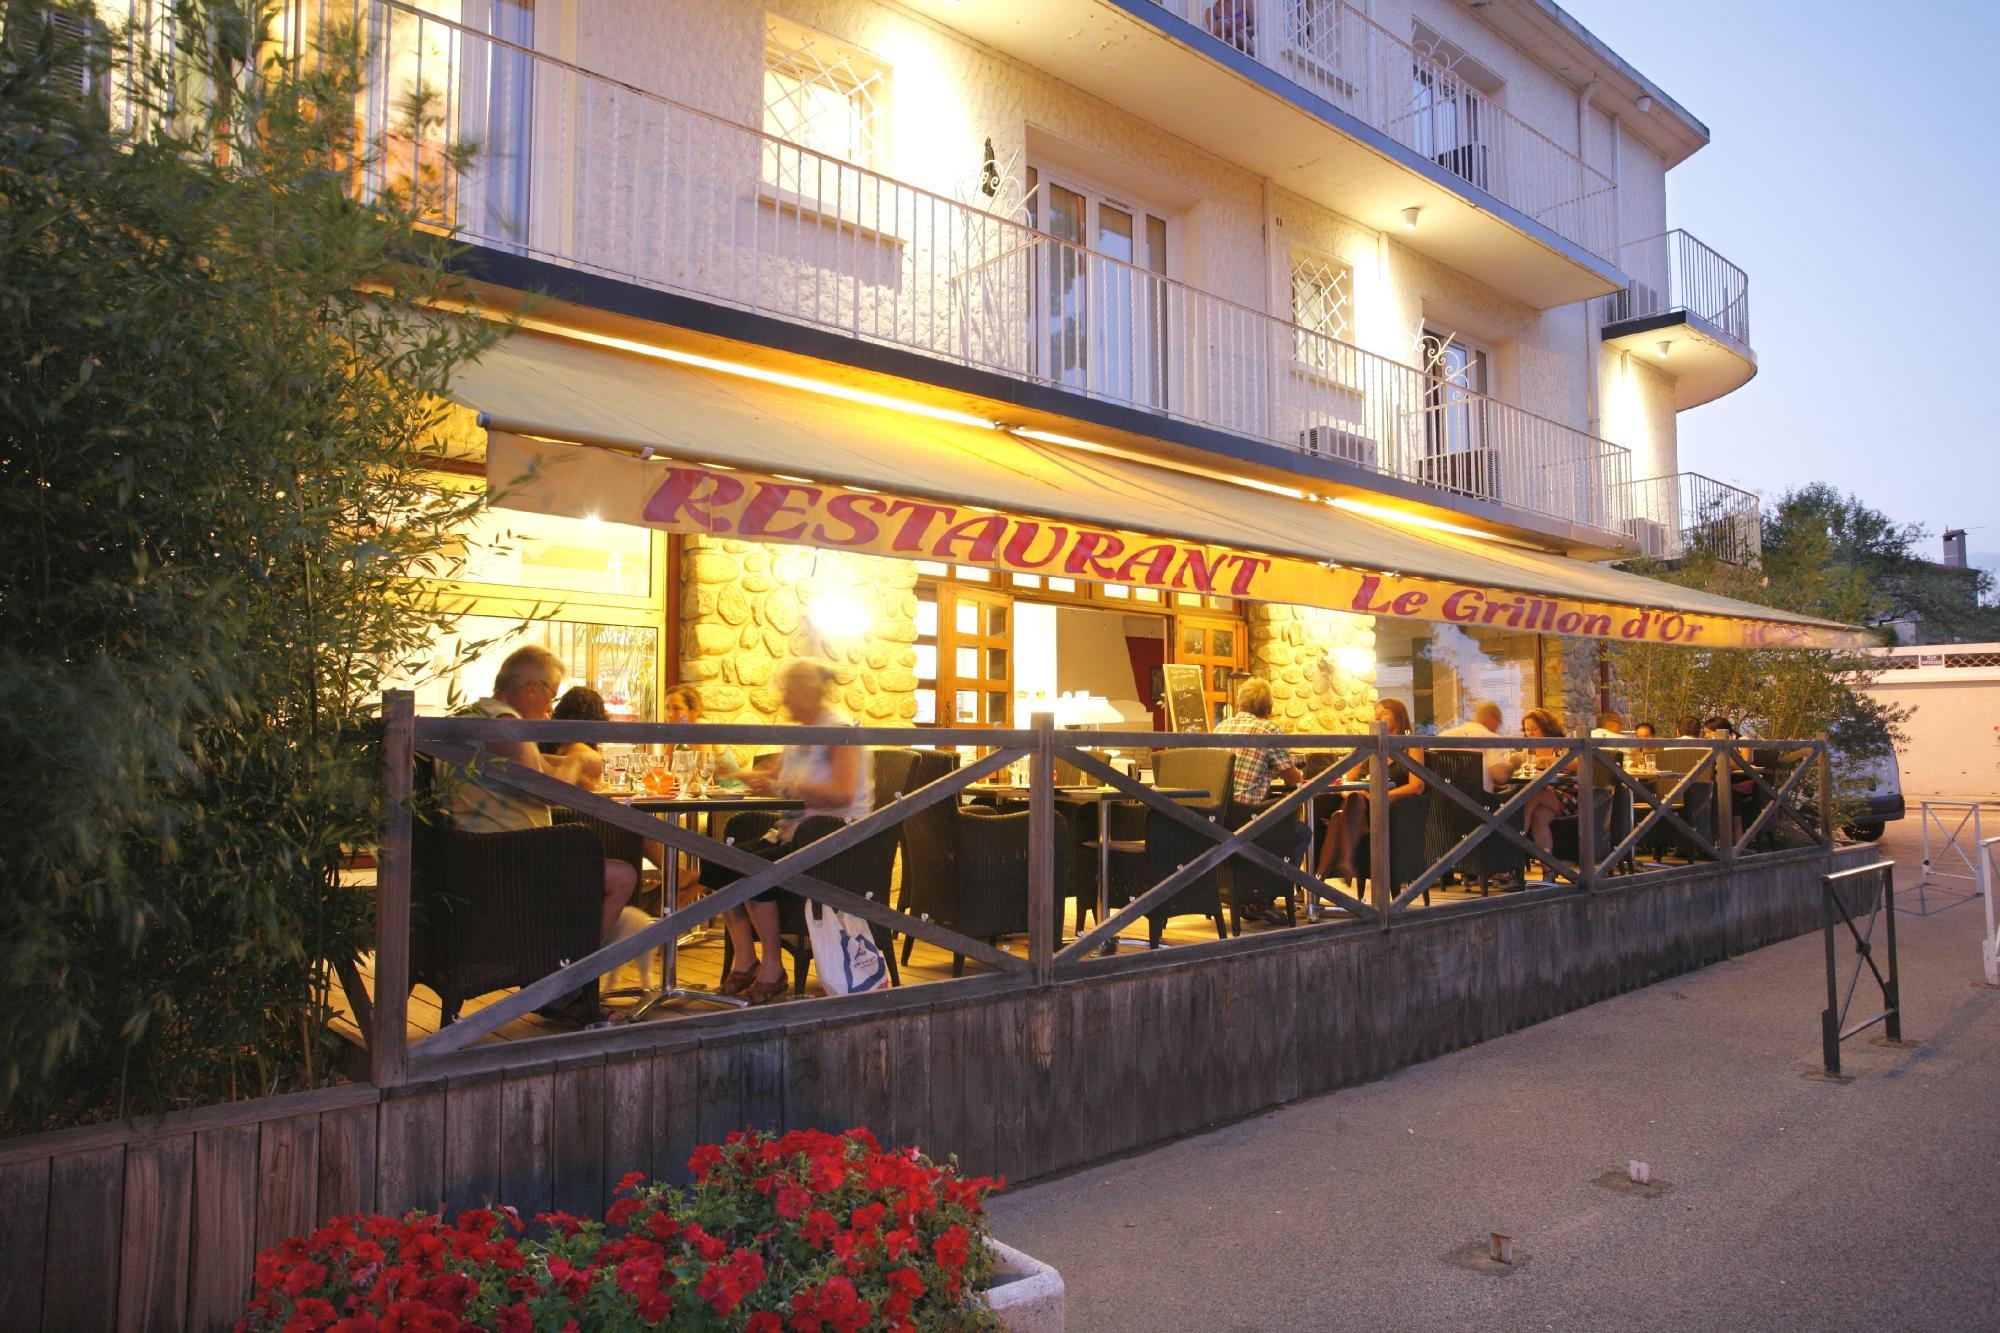 Inter Hotel Le Grillon d'Or